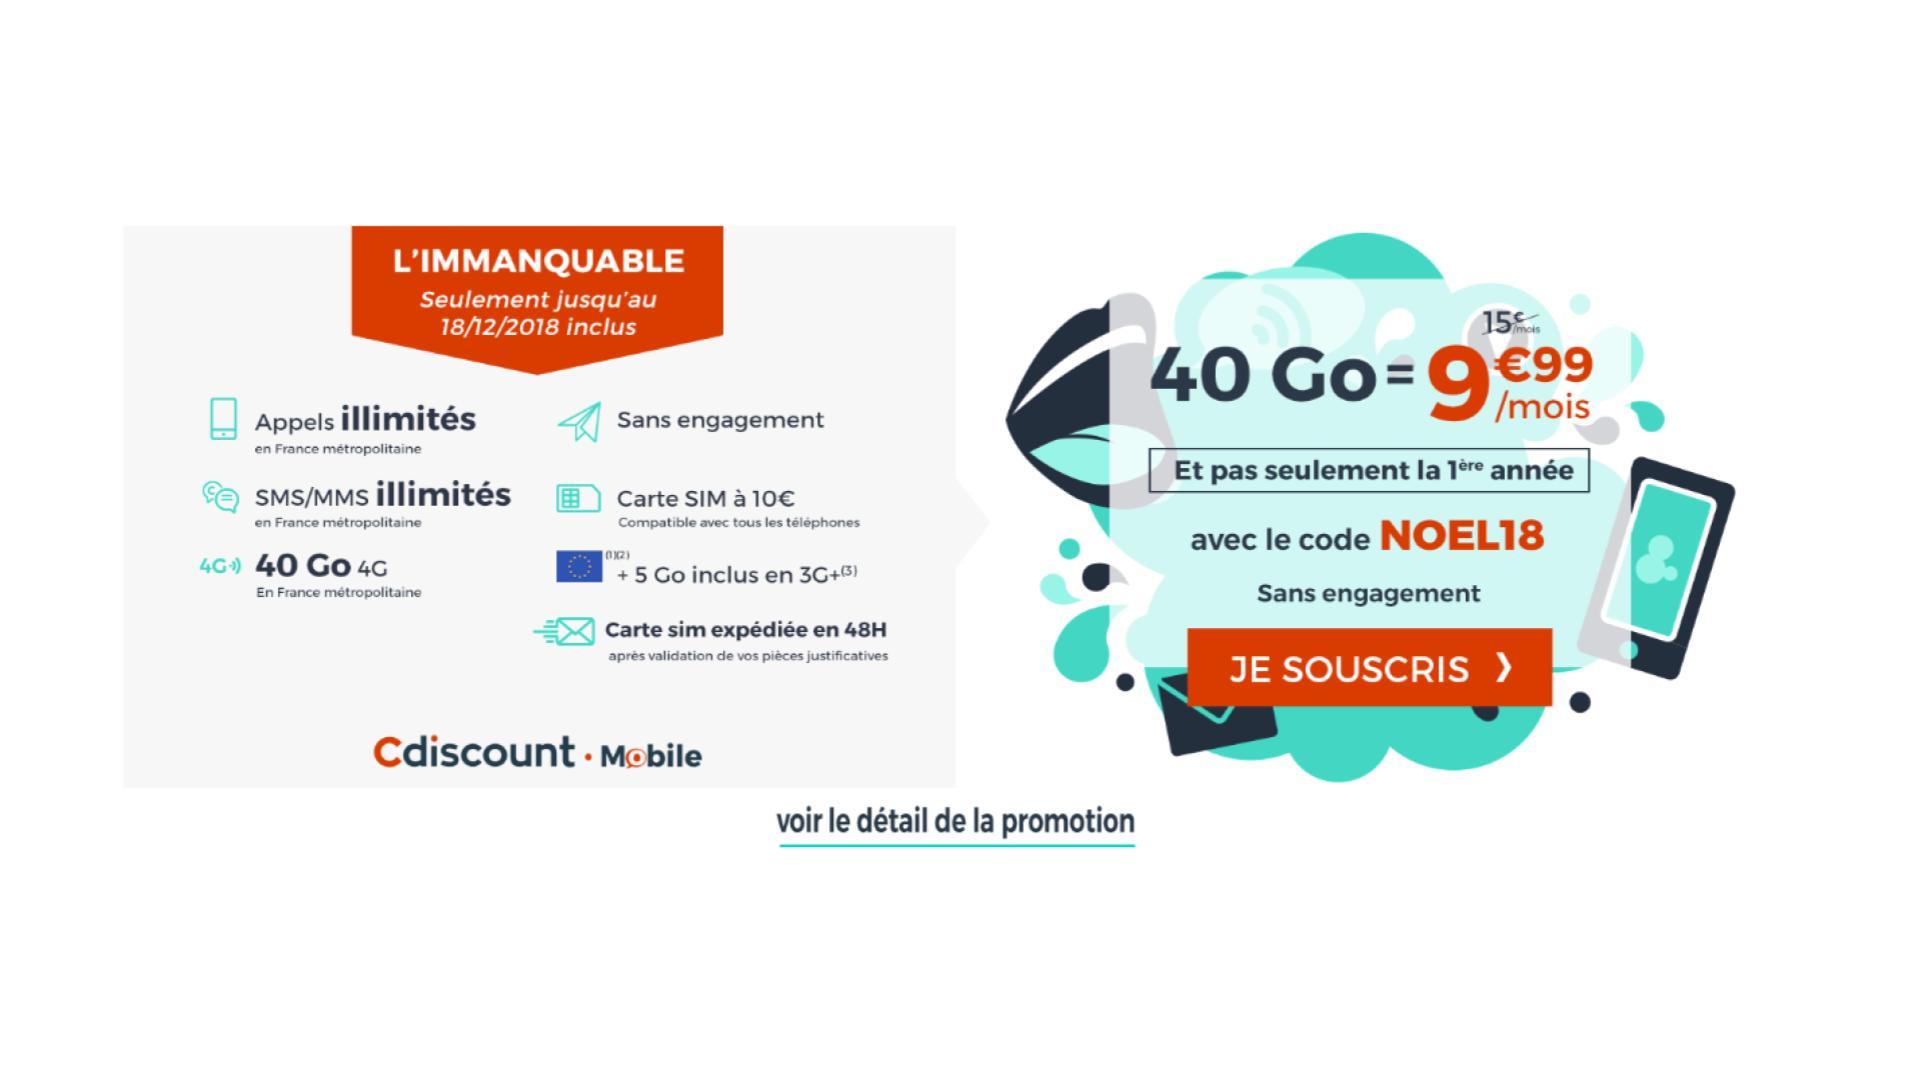 Carte Cdiscount Pieces Justificatives.Prolongation Le Forfait Mobile Cdiscount Avec 40 Go De